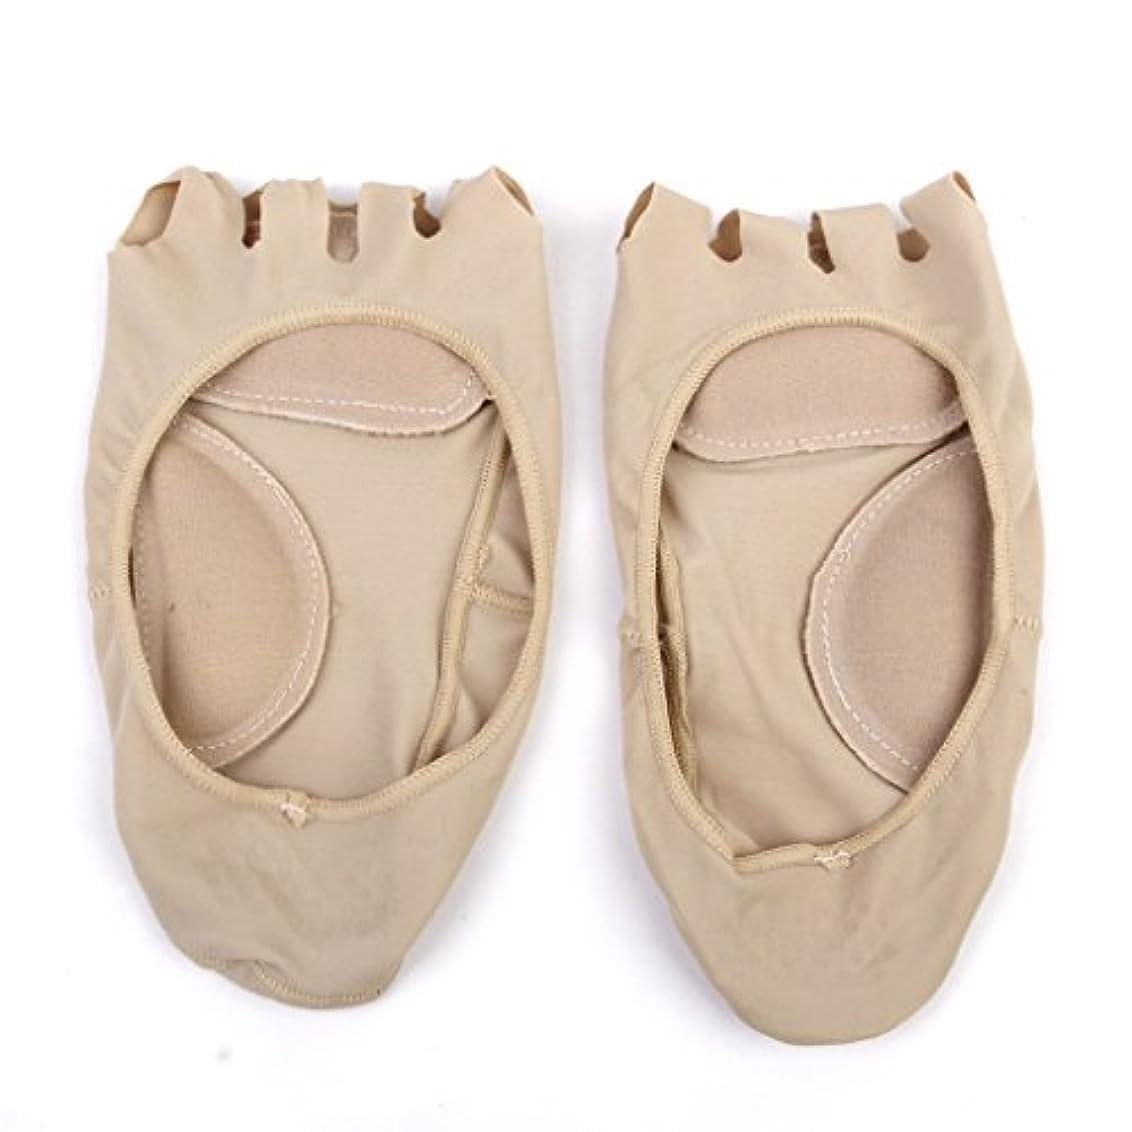 ムス診療所電子レンジ【Footful】ソックス 靴下 5つ本指つま先 ボートソックス マッサージパッド 見えない 滑り止め アンクルソックス (ヌード)